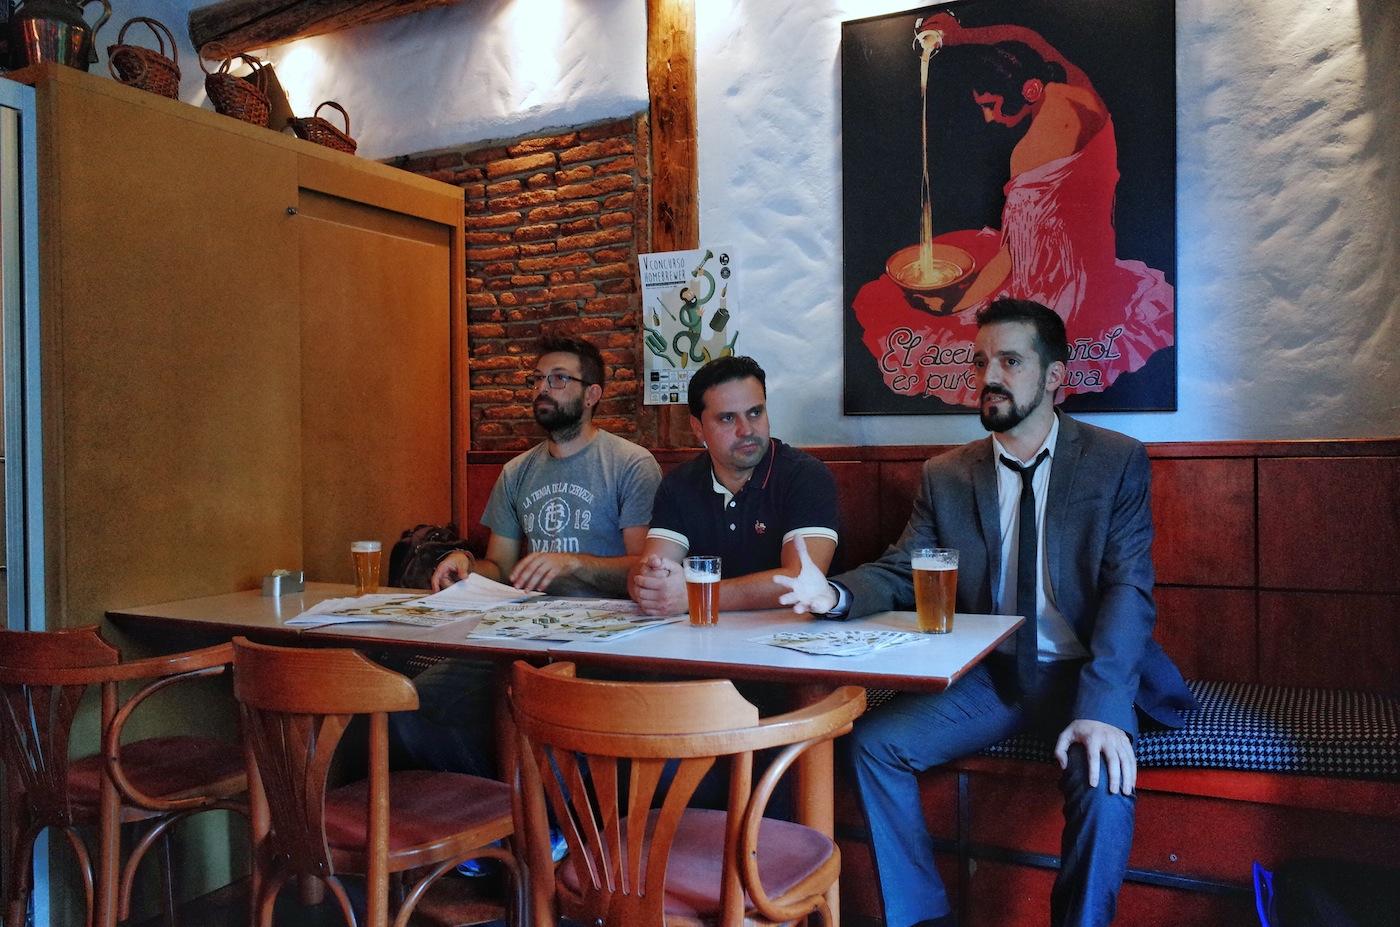 Presentaci n del v concurso homebrewer factor a de cerveza for El jardin del lupulo